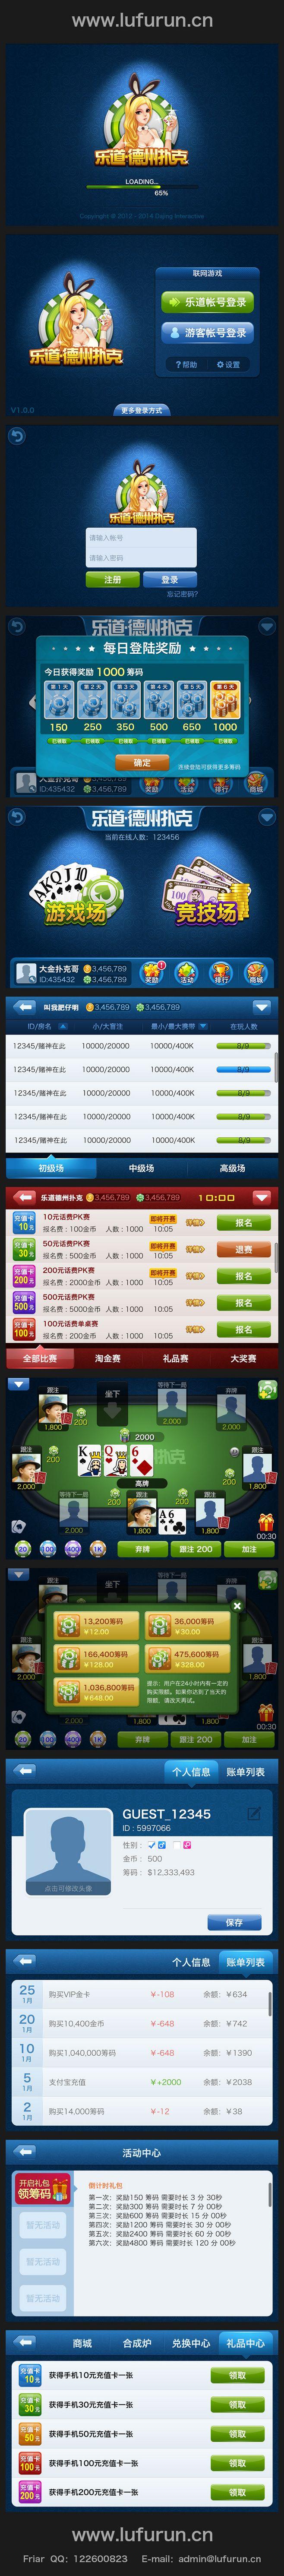 #采集大赛#《乐道德州扑克》手机游戏UI...